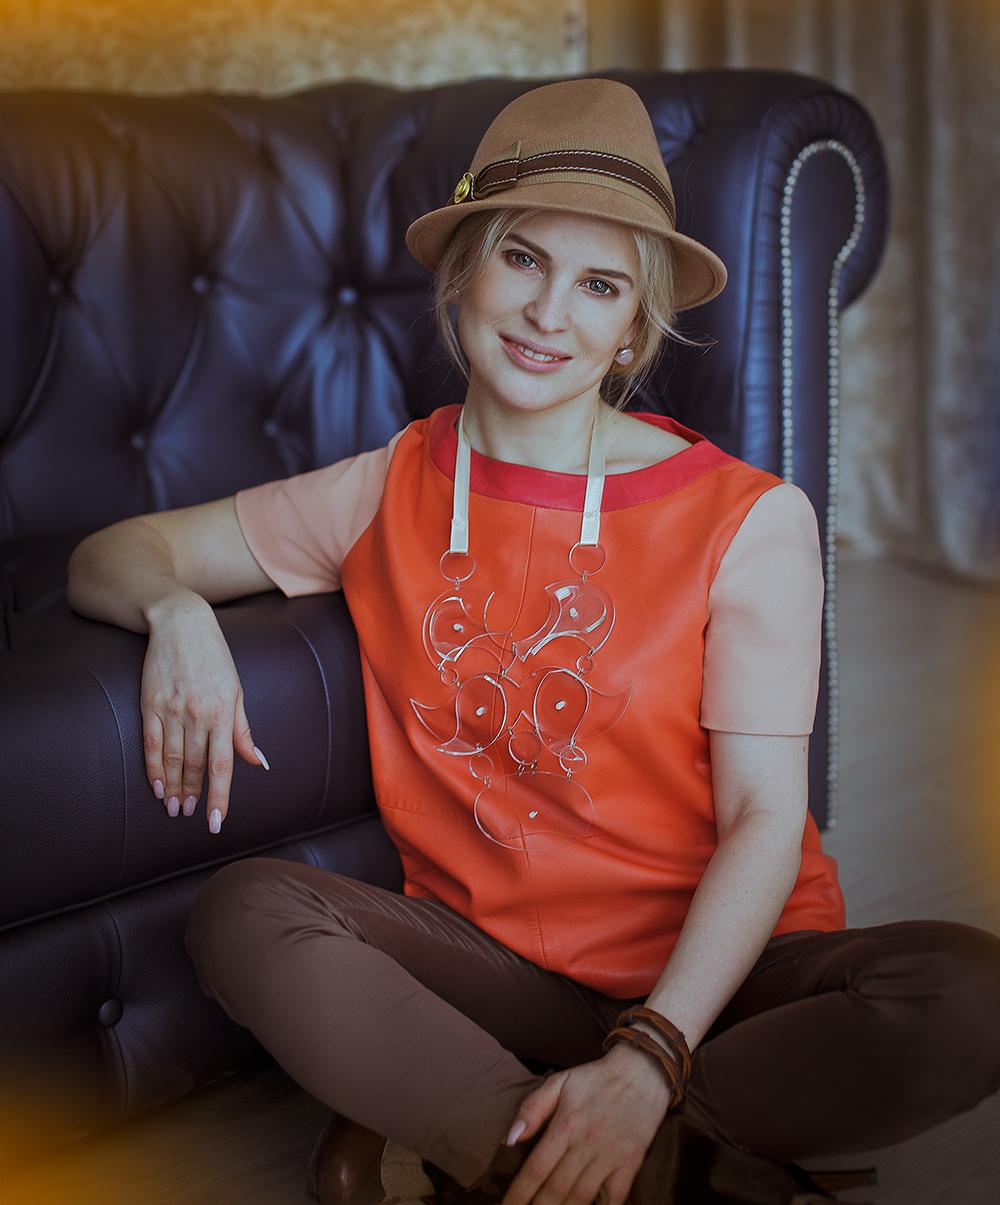 Марина Паскуаль, элитная бижутерия интернет